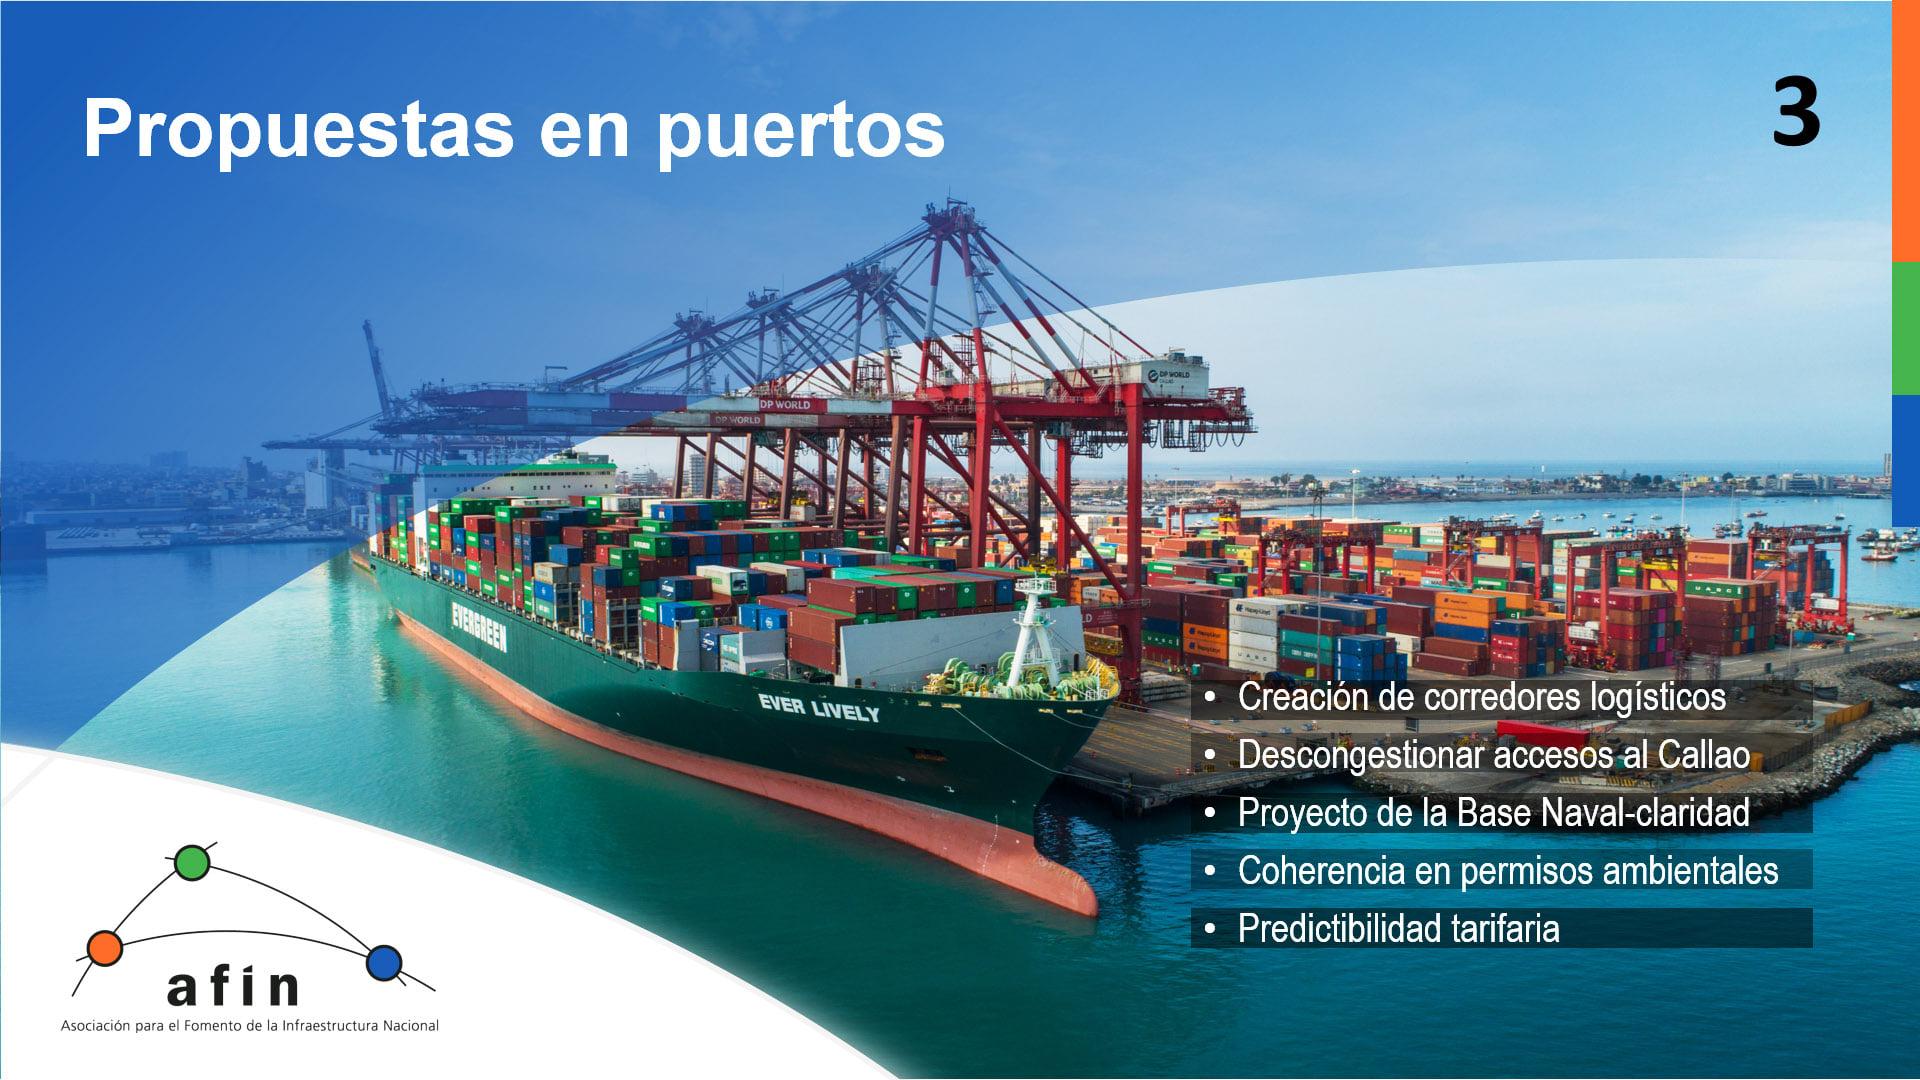 Situación en puertos